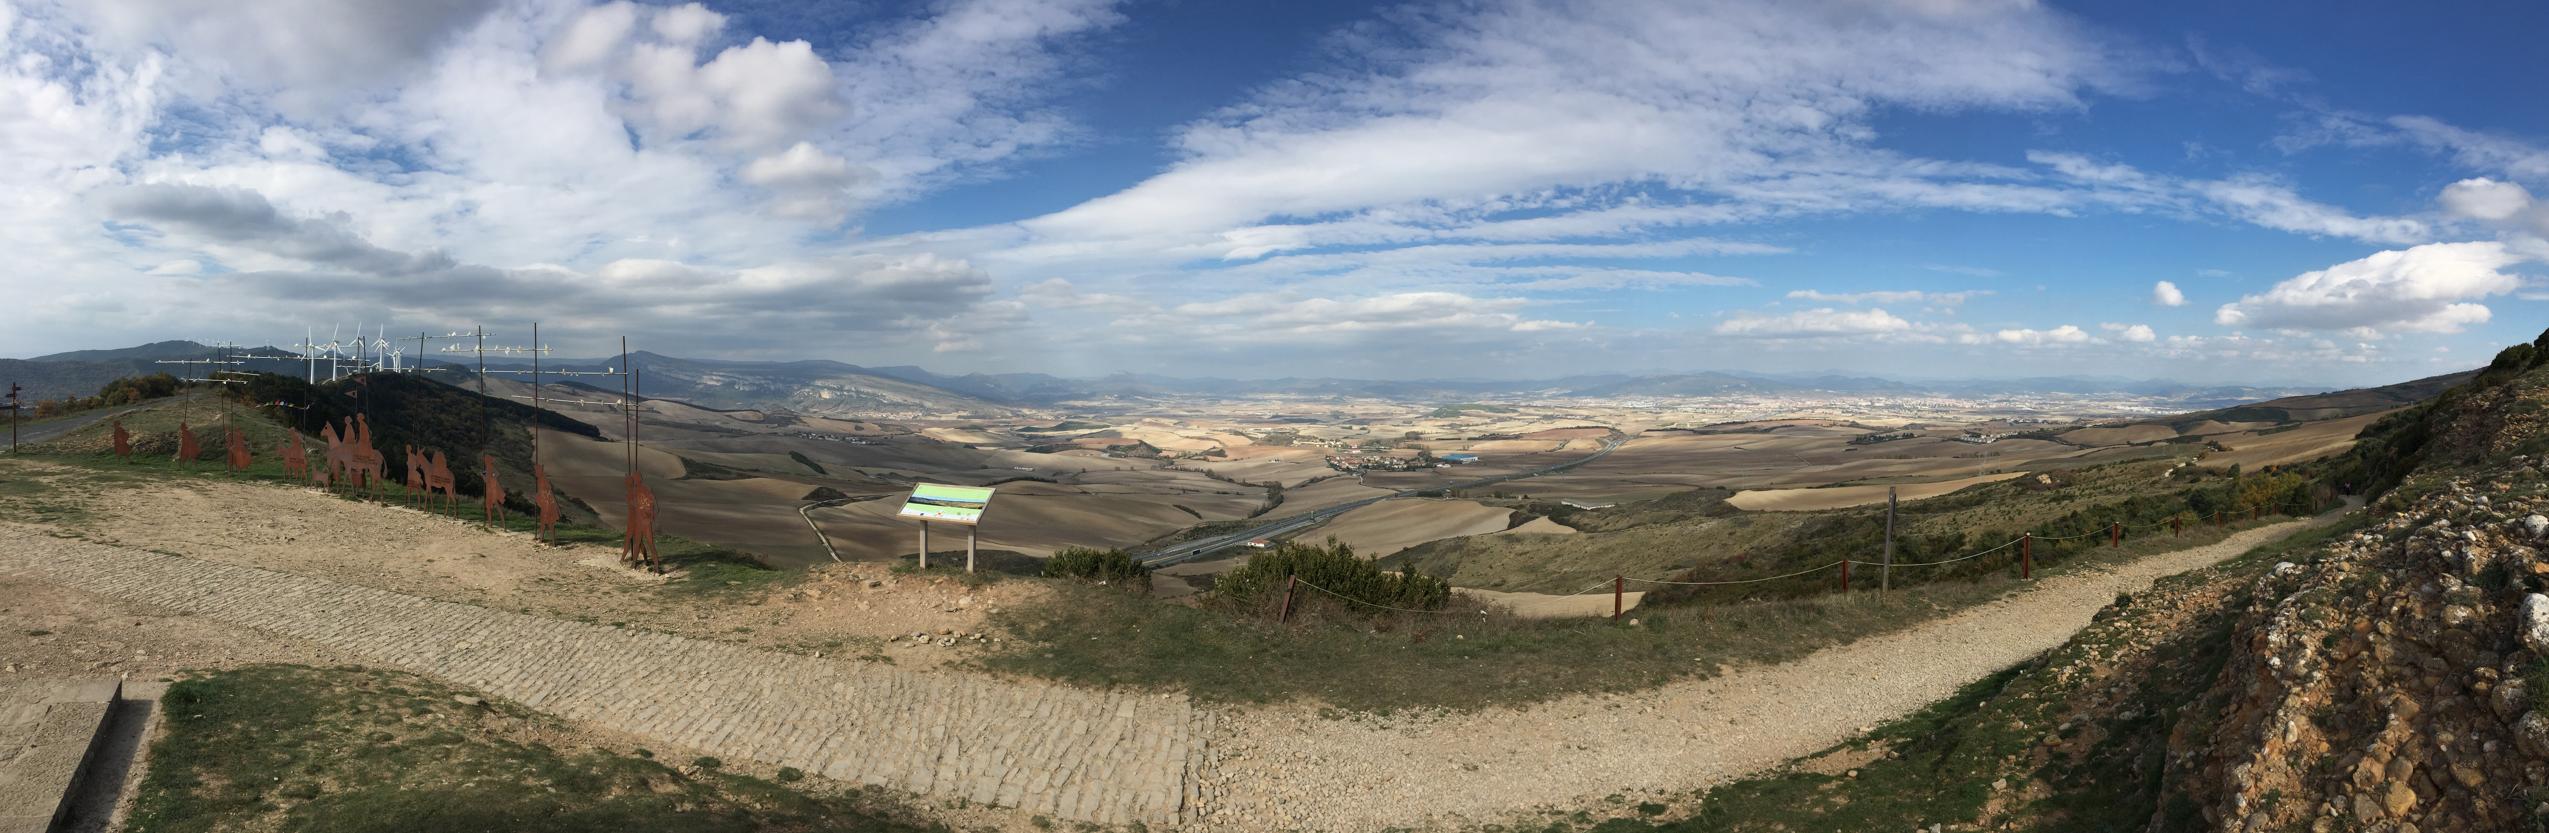 The vista of Alto de Perdón.